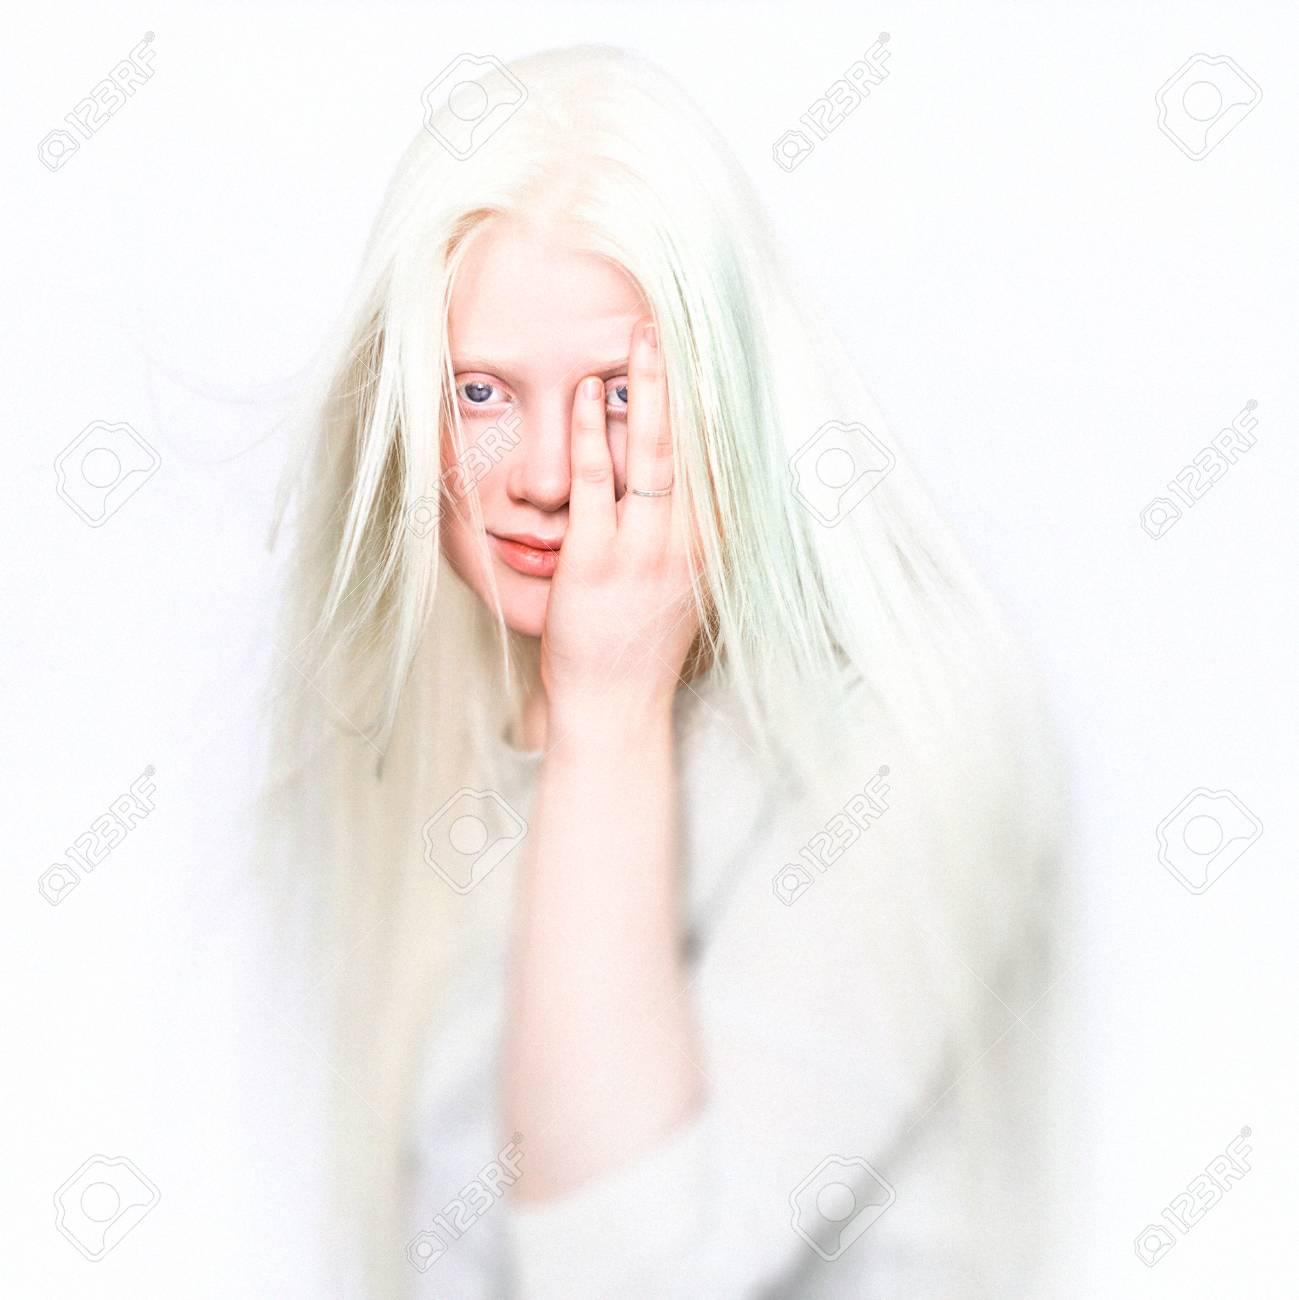 Teen pussey albino white girl nude mandingo